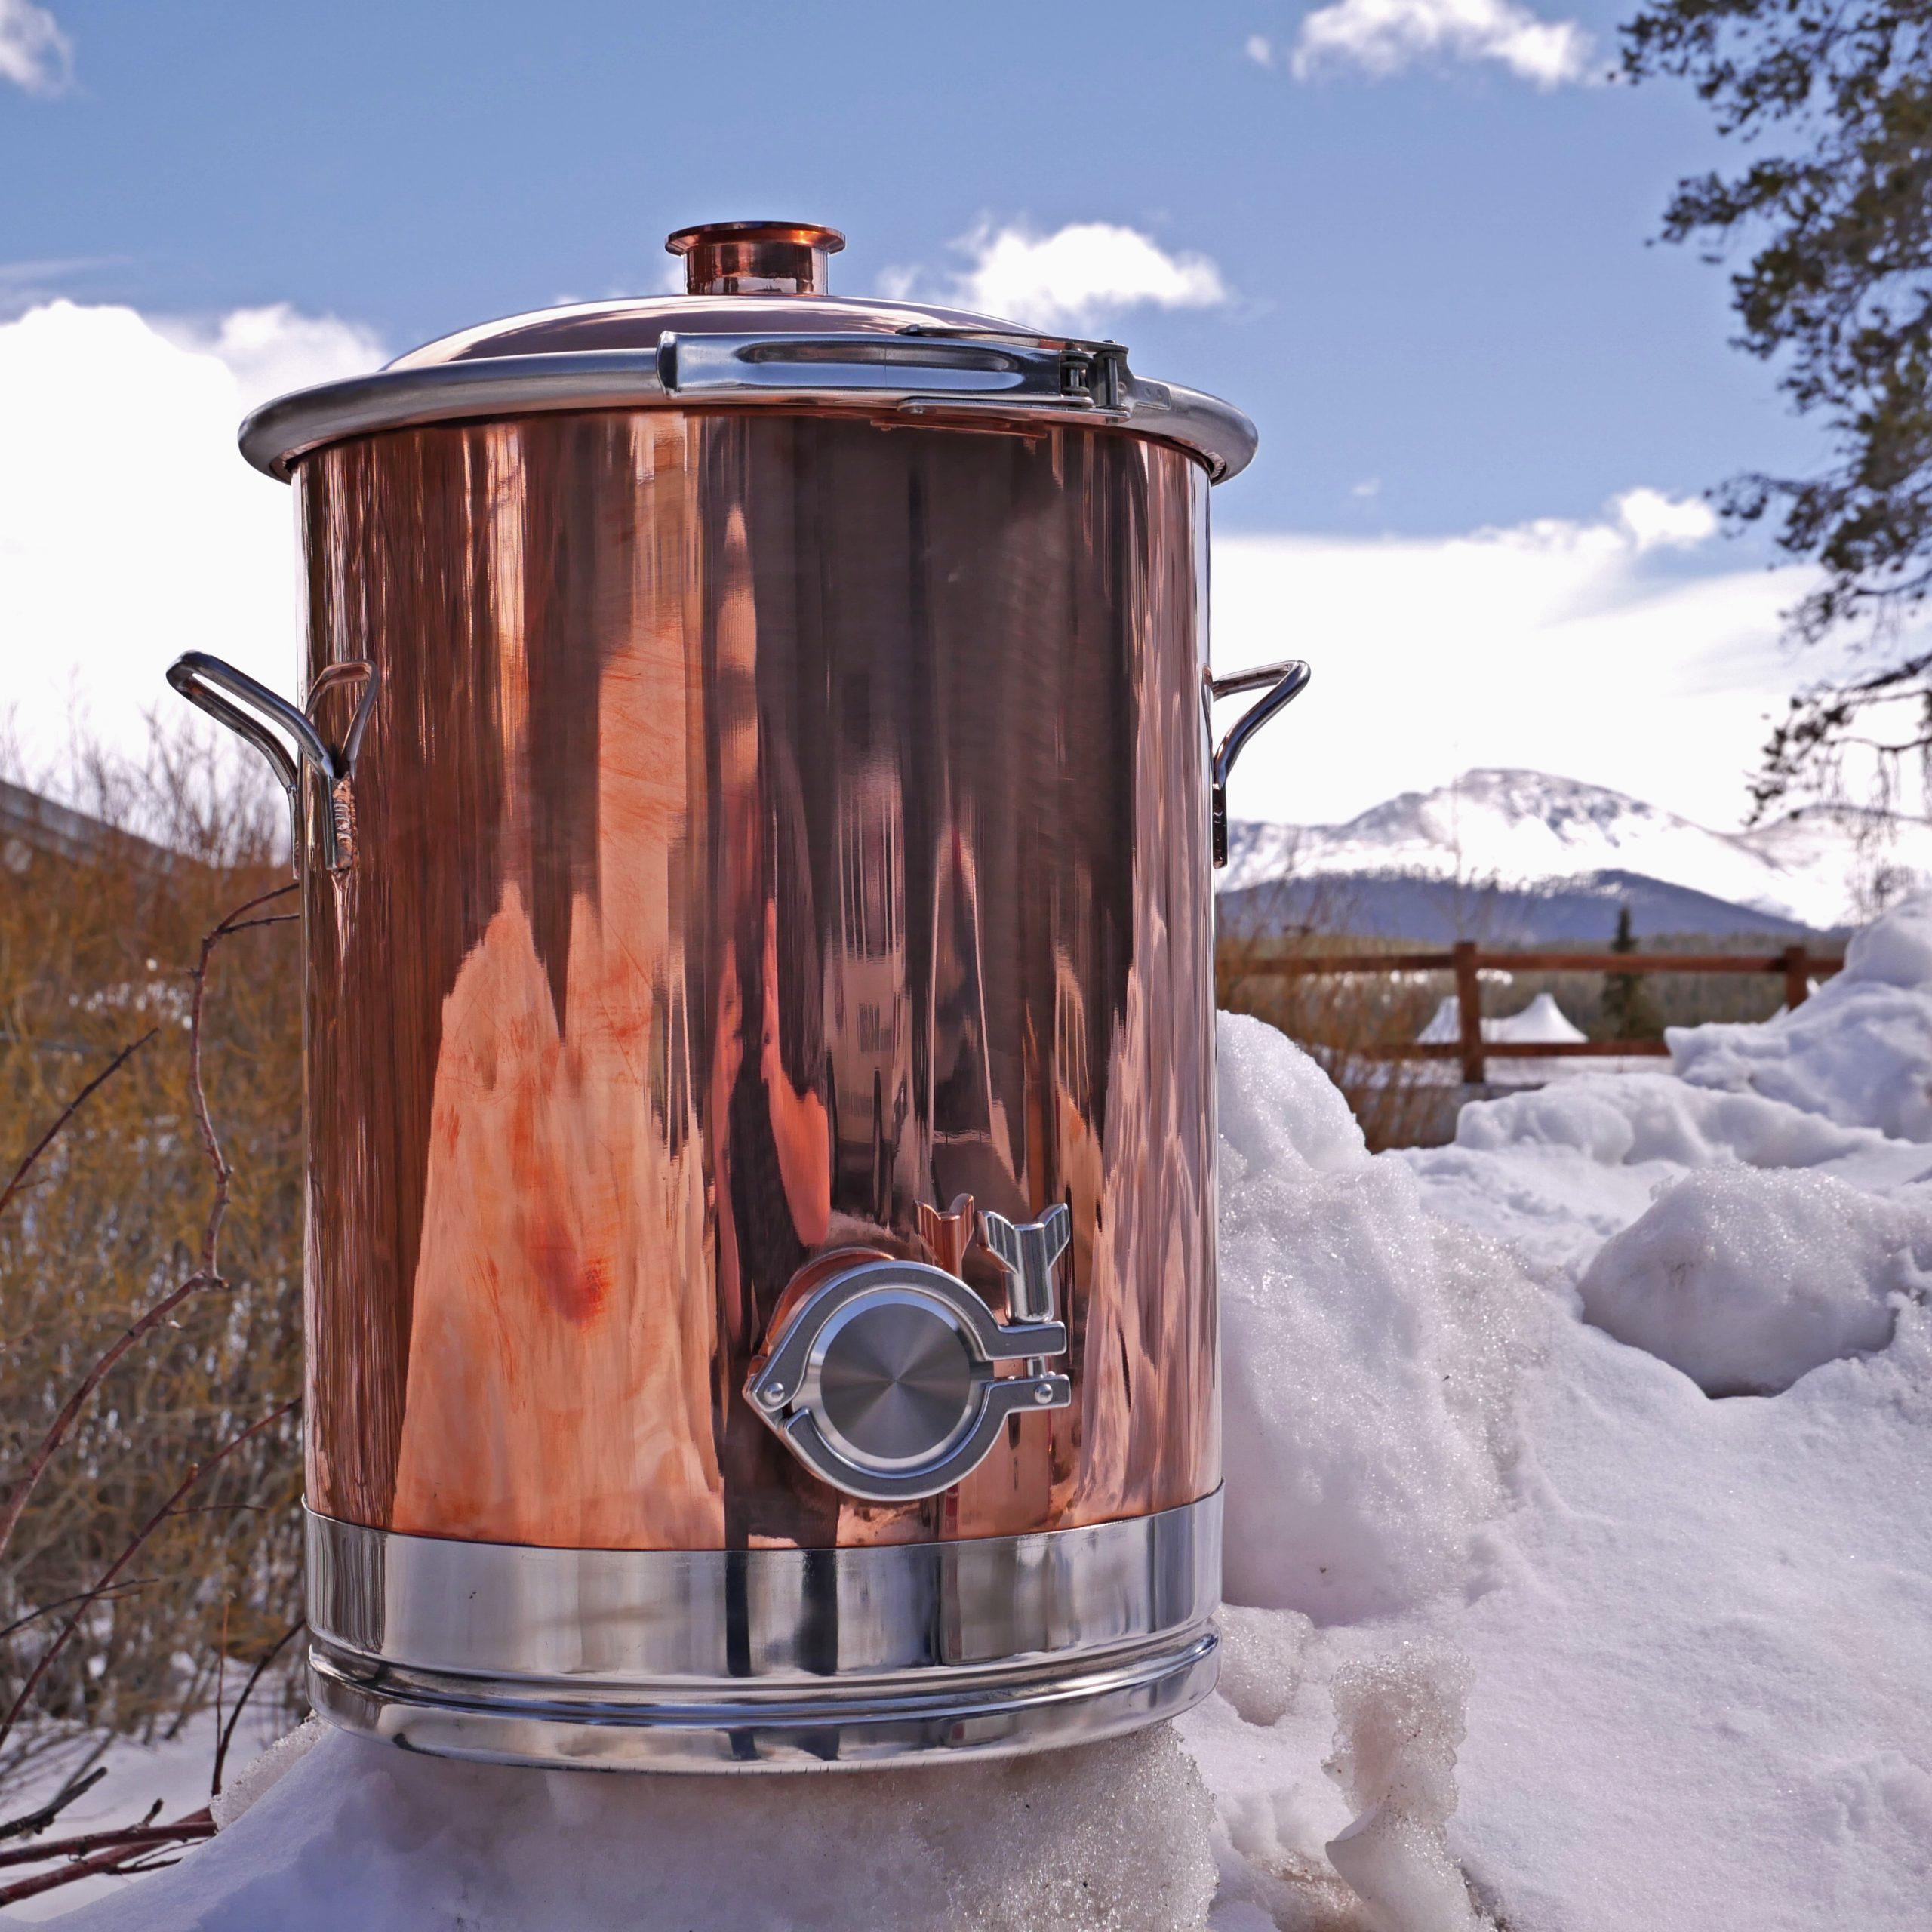 8 Gallon Copper Boiler